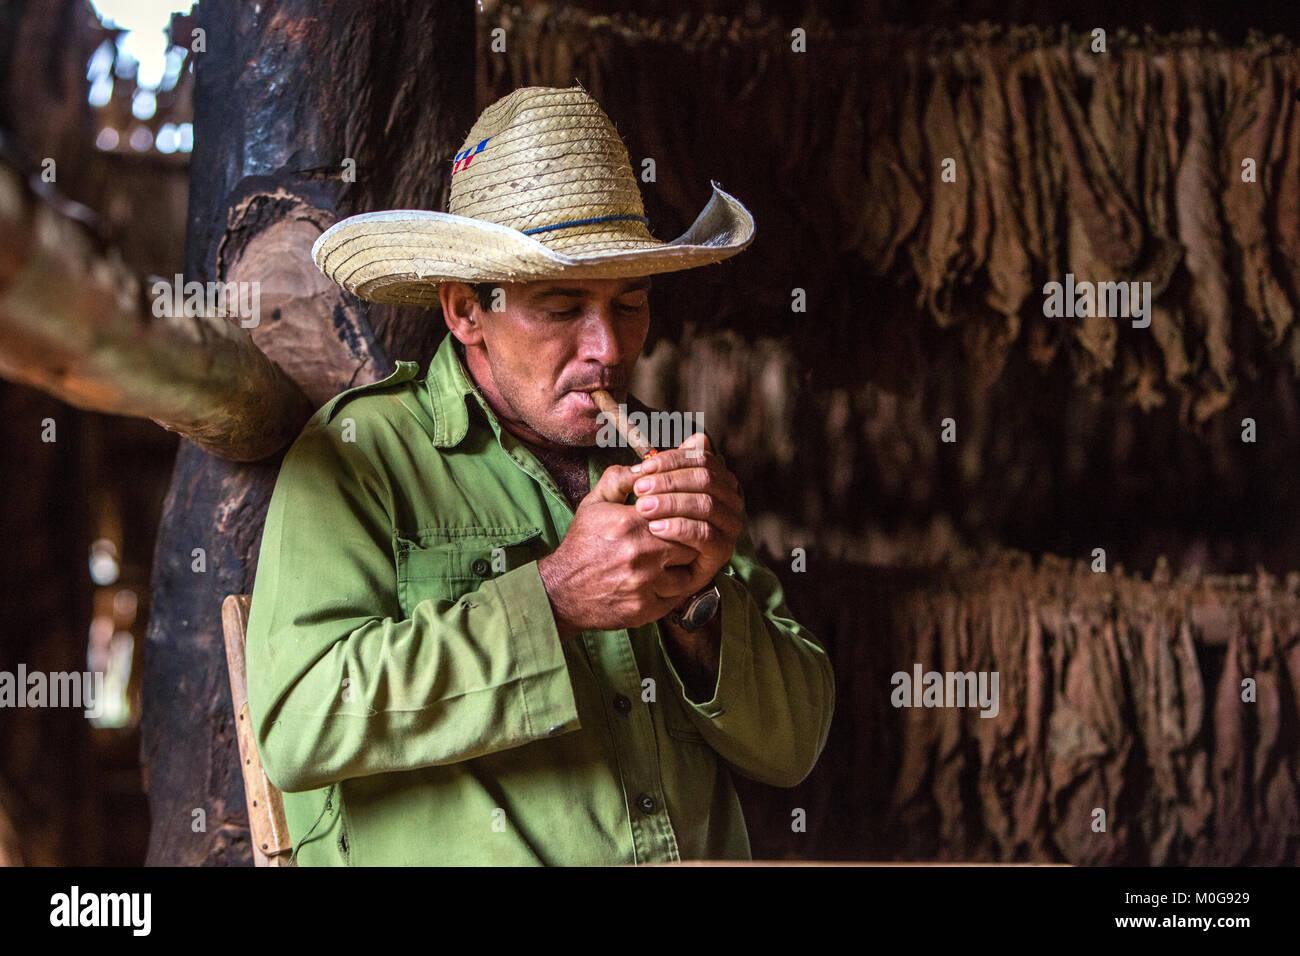 Tobacco farmer in Vinales Valley, Cuba - Stock Image